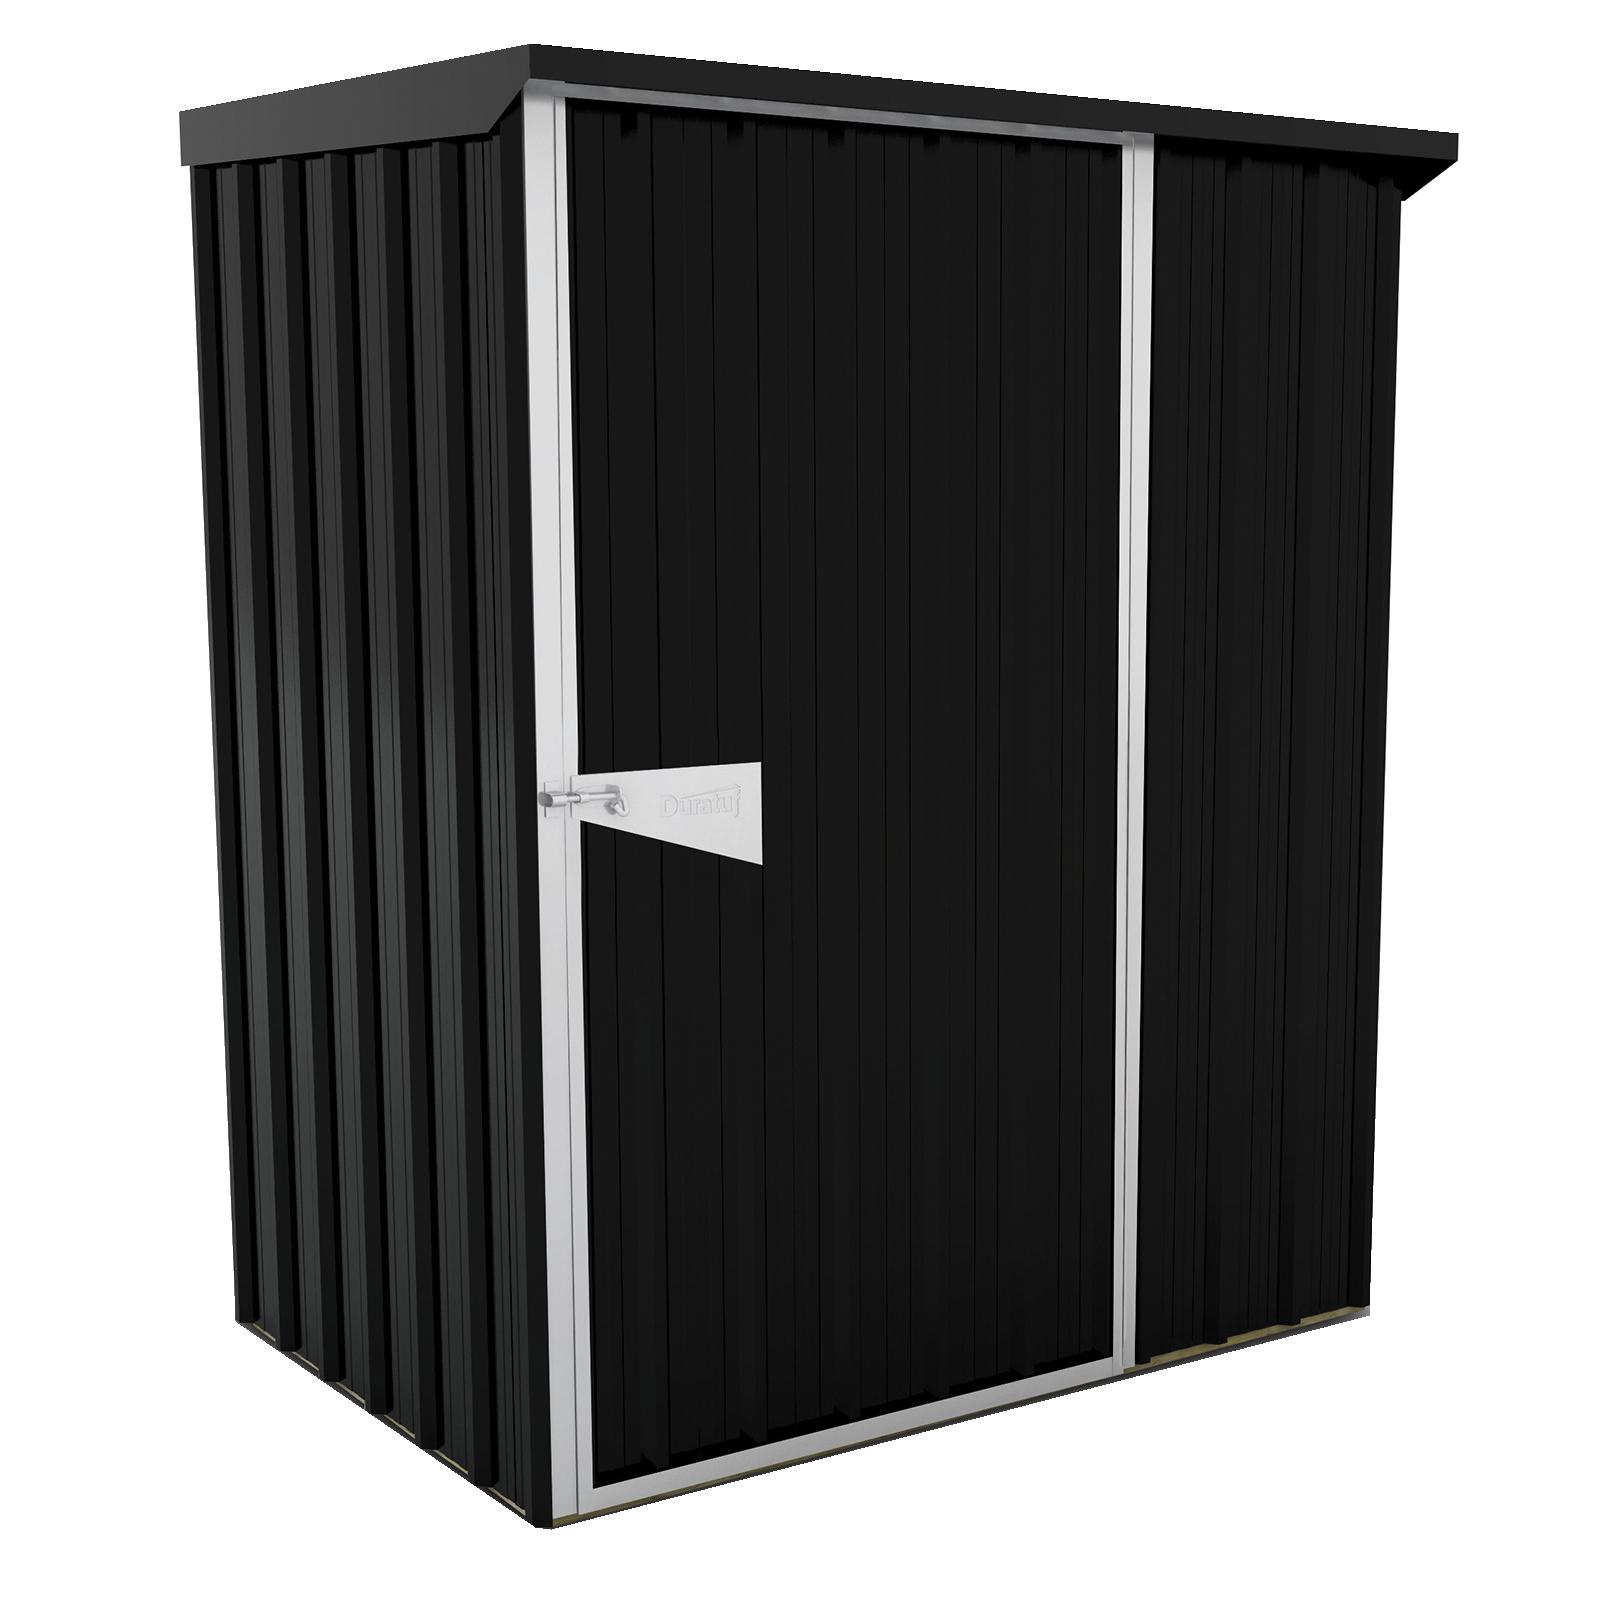 Duratuf Sentry 1.5 x 1.0m Ebony Lean-To Shed